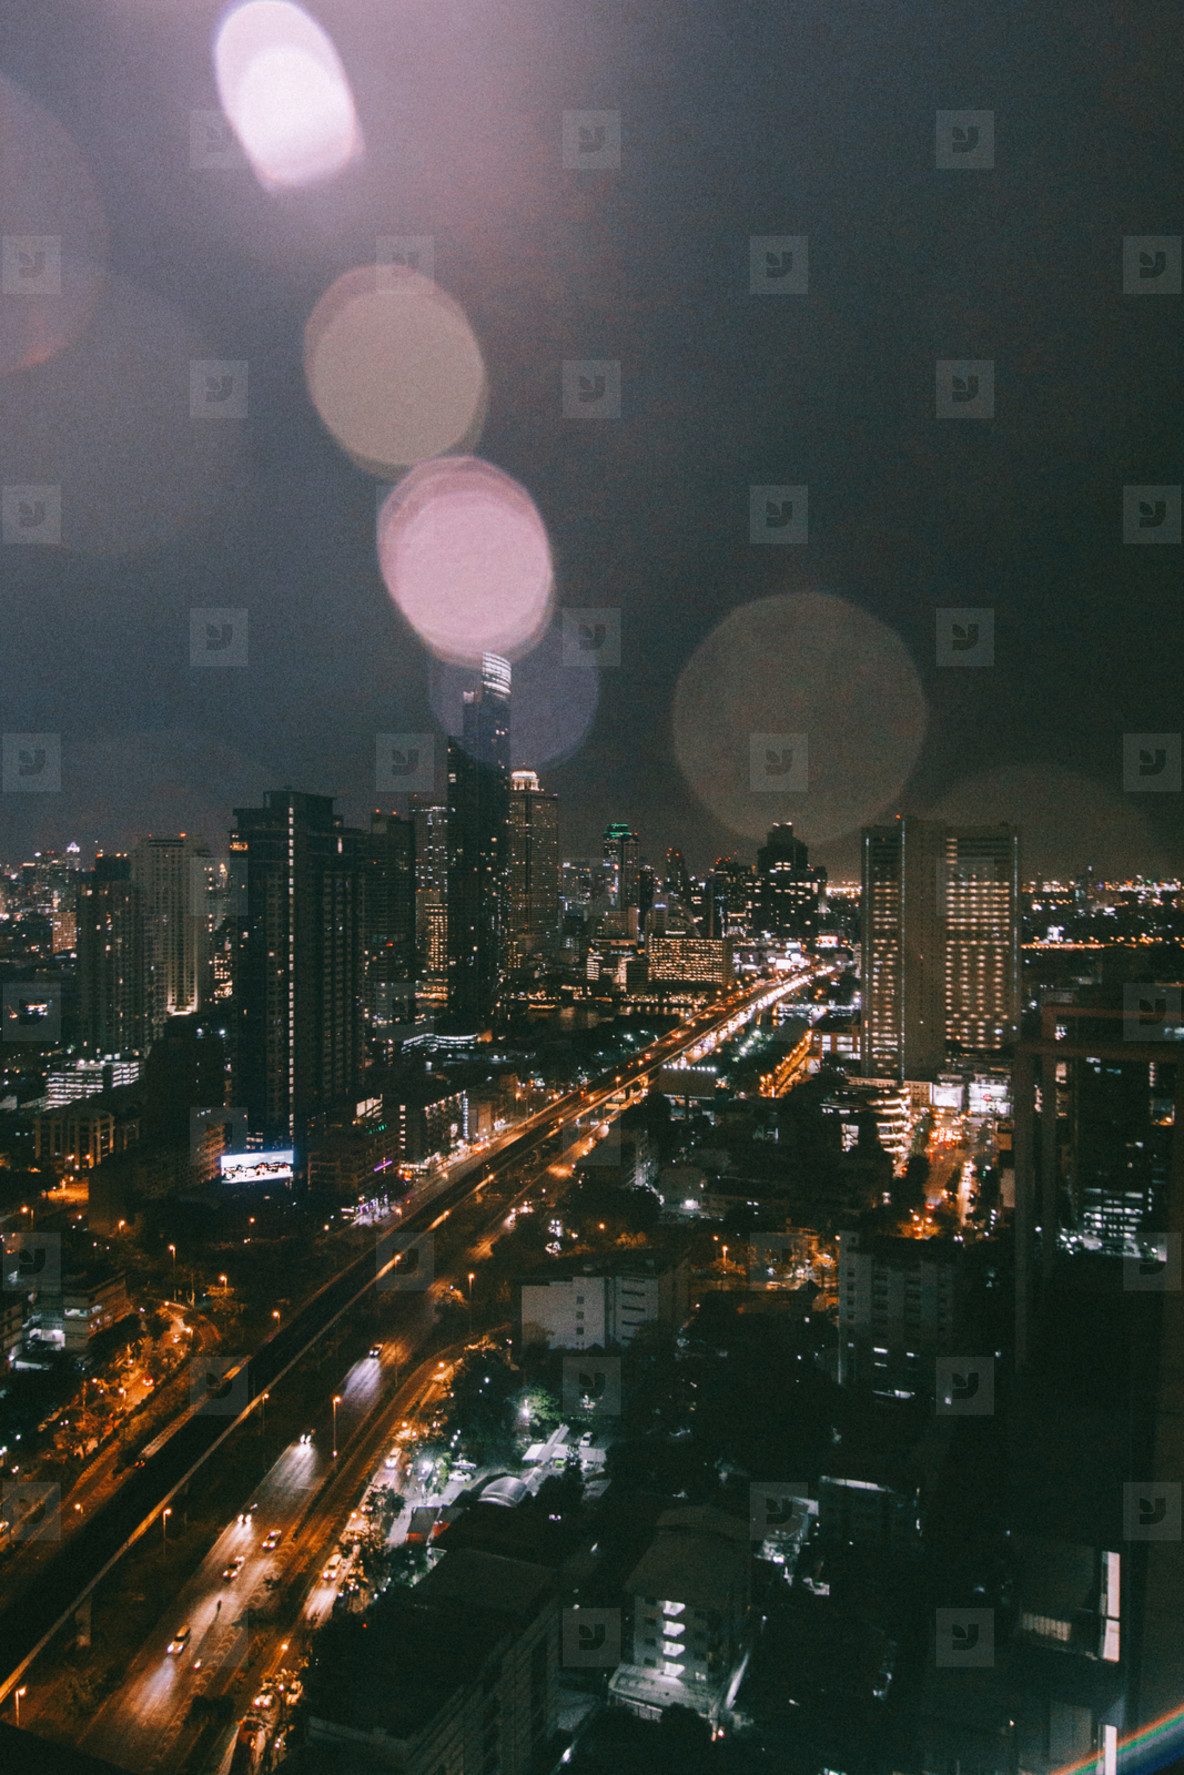 Bangkok city in night time